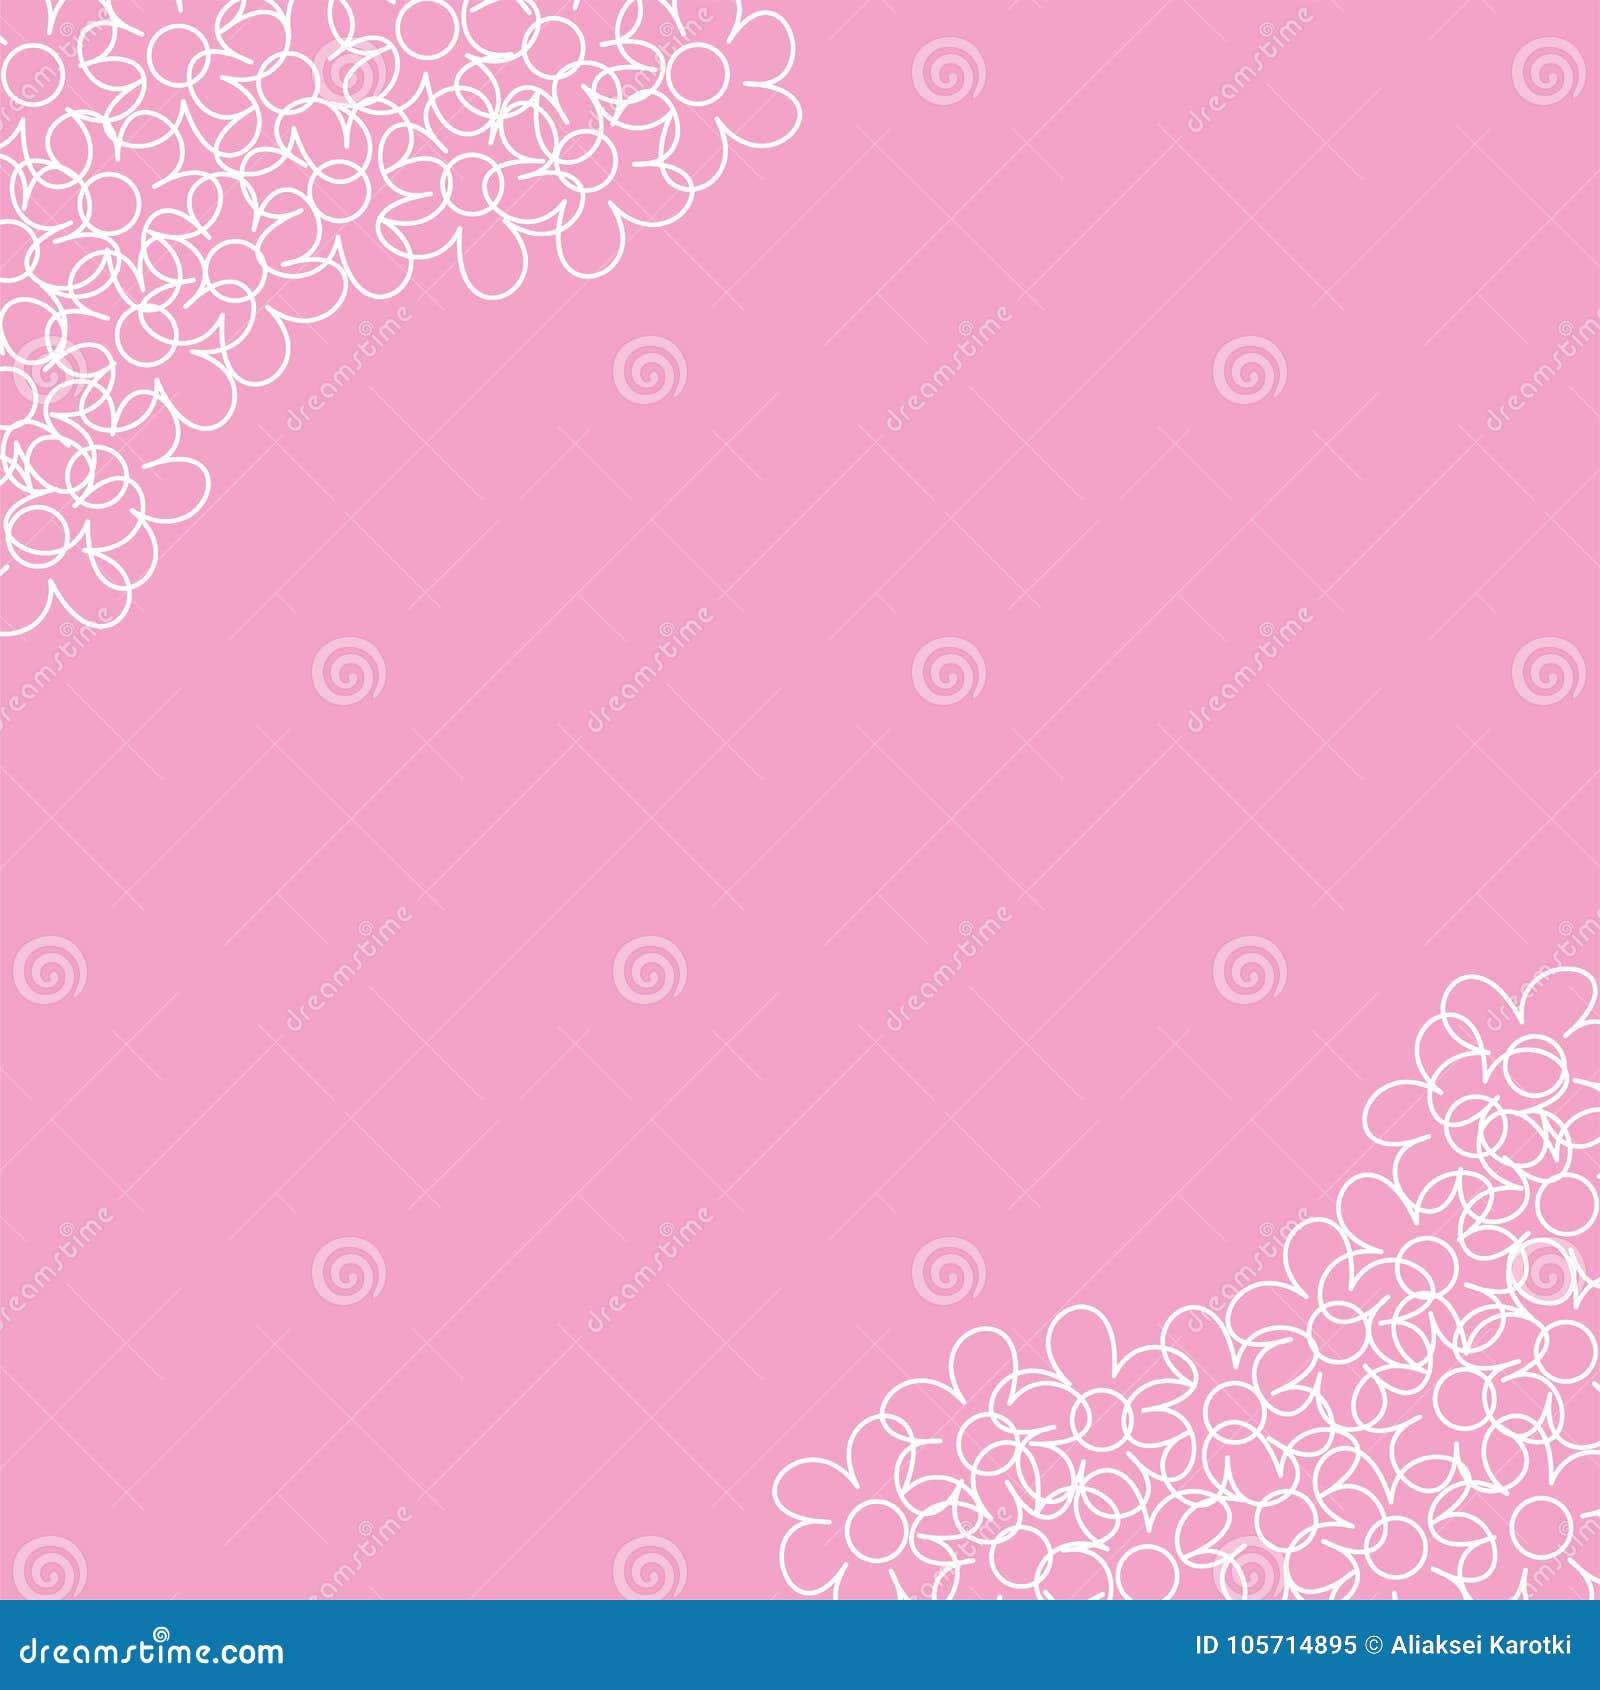 Abstrakter Blumenrahmen Auf Einem Rosa Hintergrund Fur Drucke